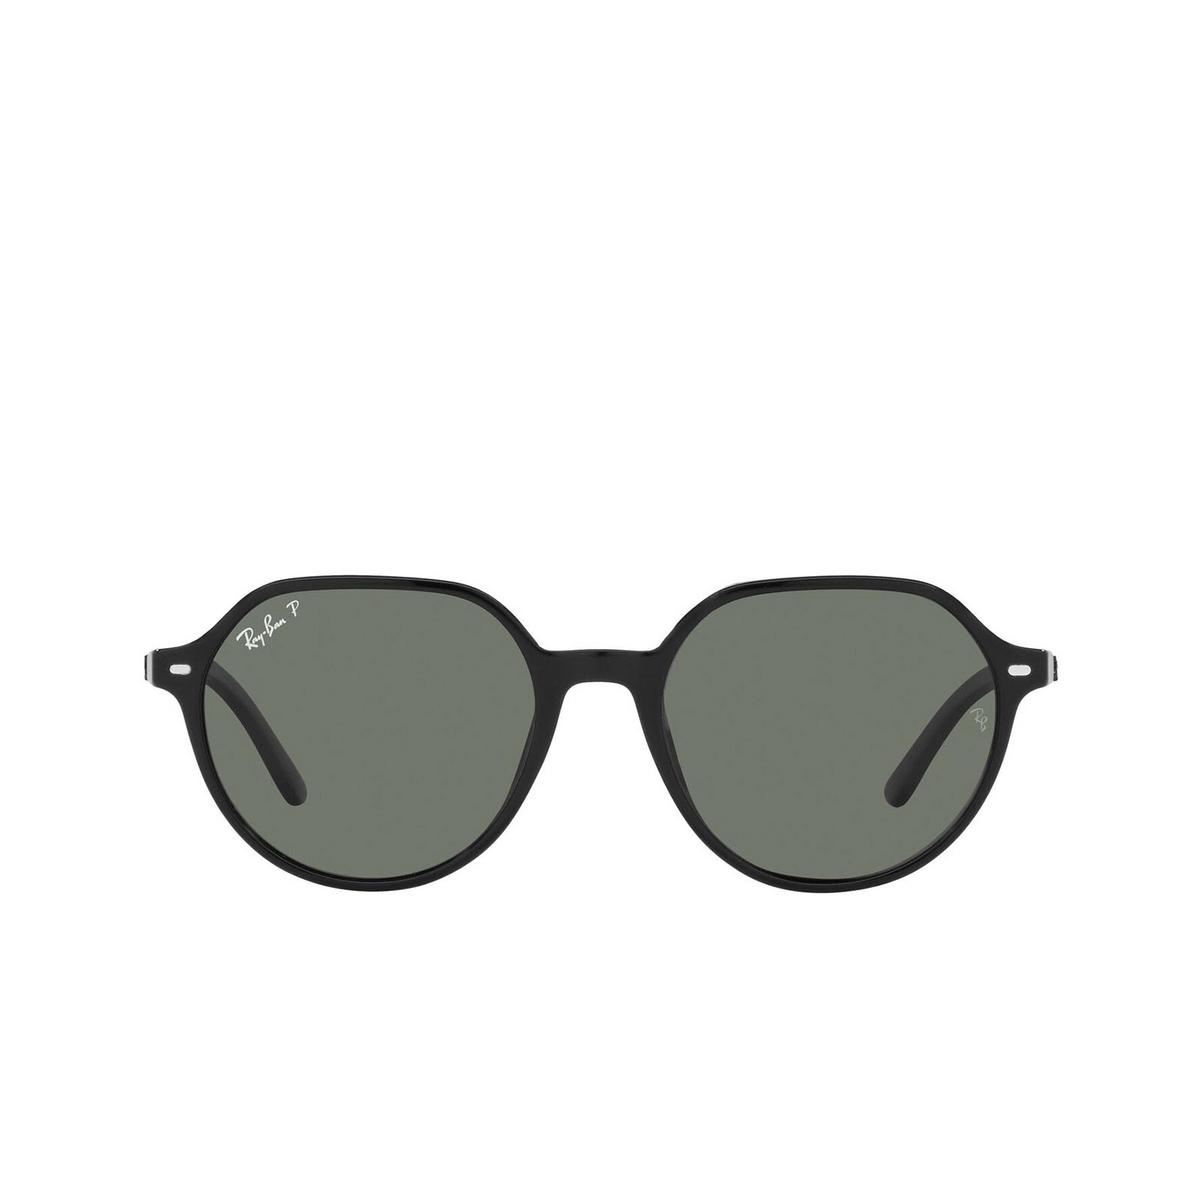 Ray-Ban® Irregular Sunglasses: Thalia RB2195 color Black 901/58.